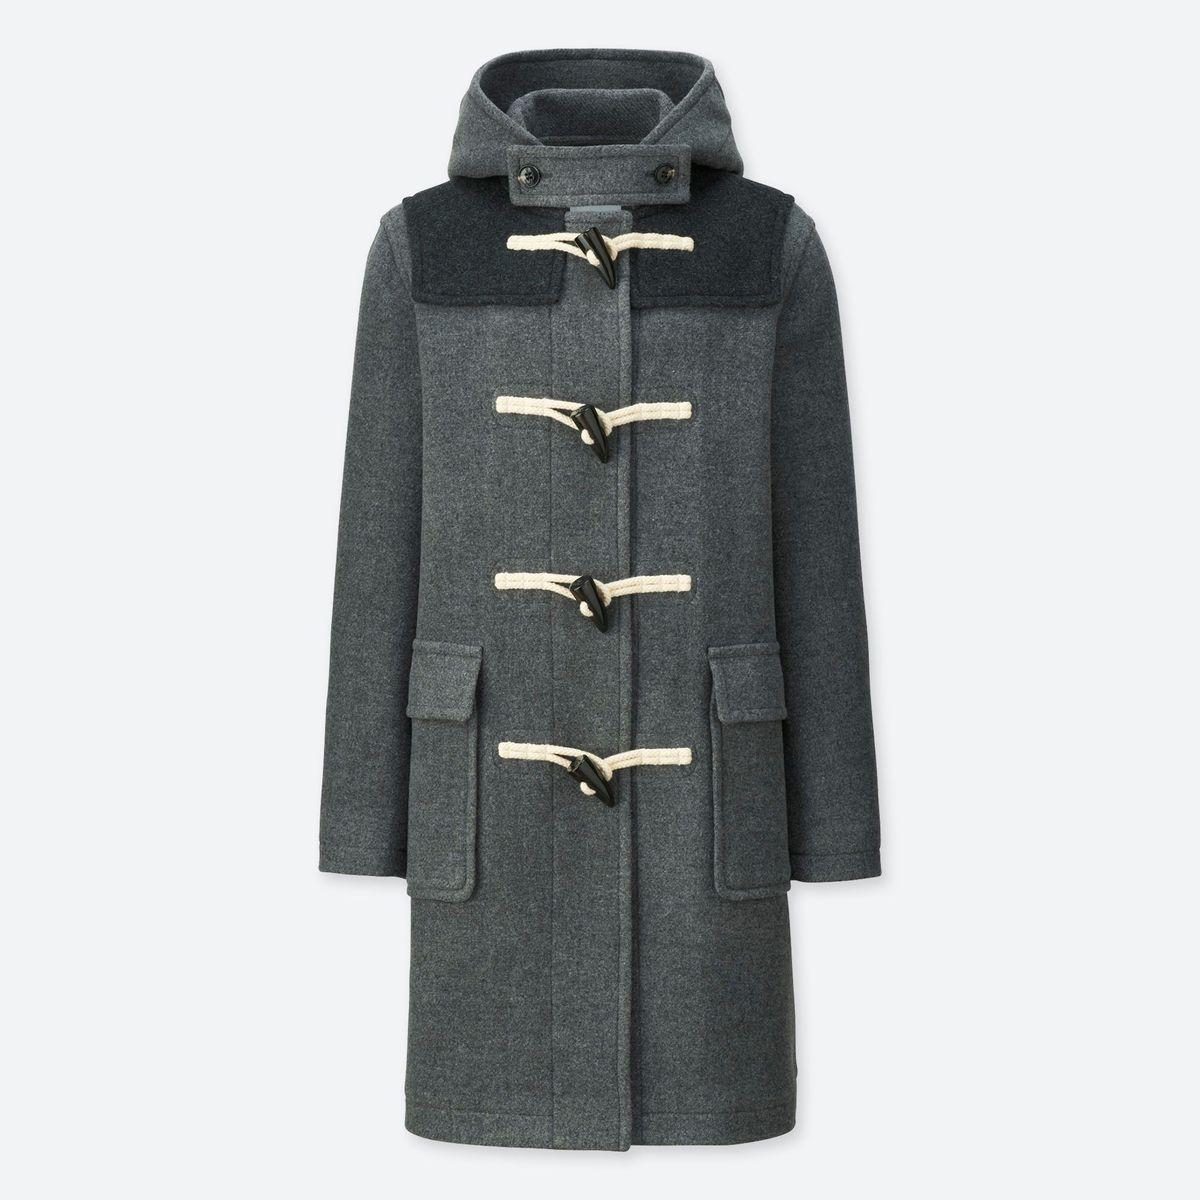 A gray duffle coat